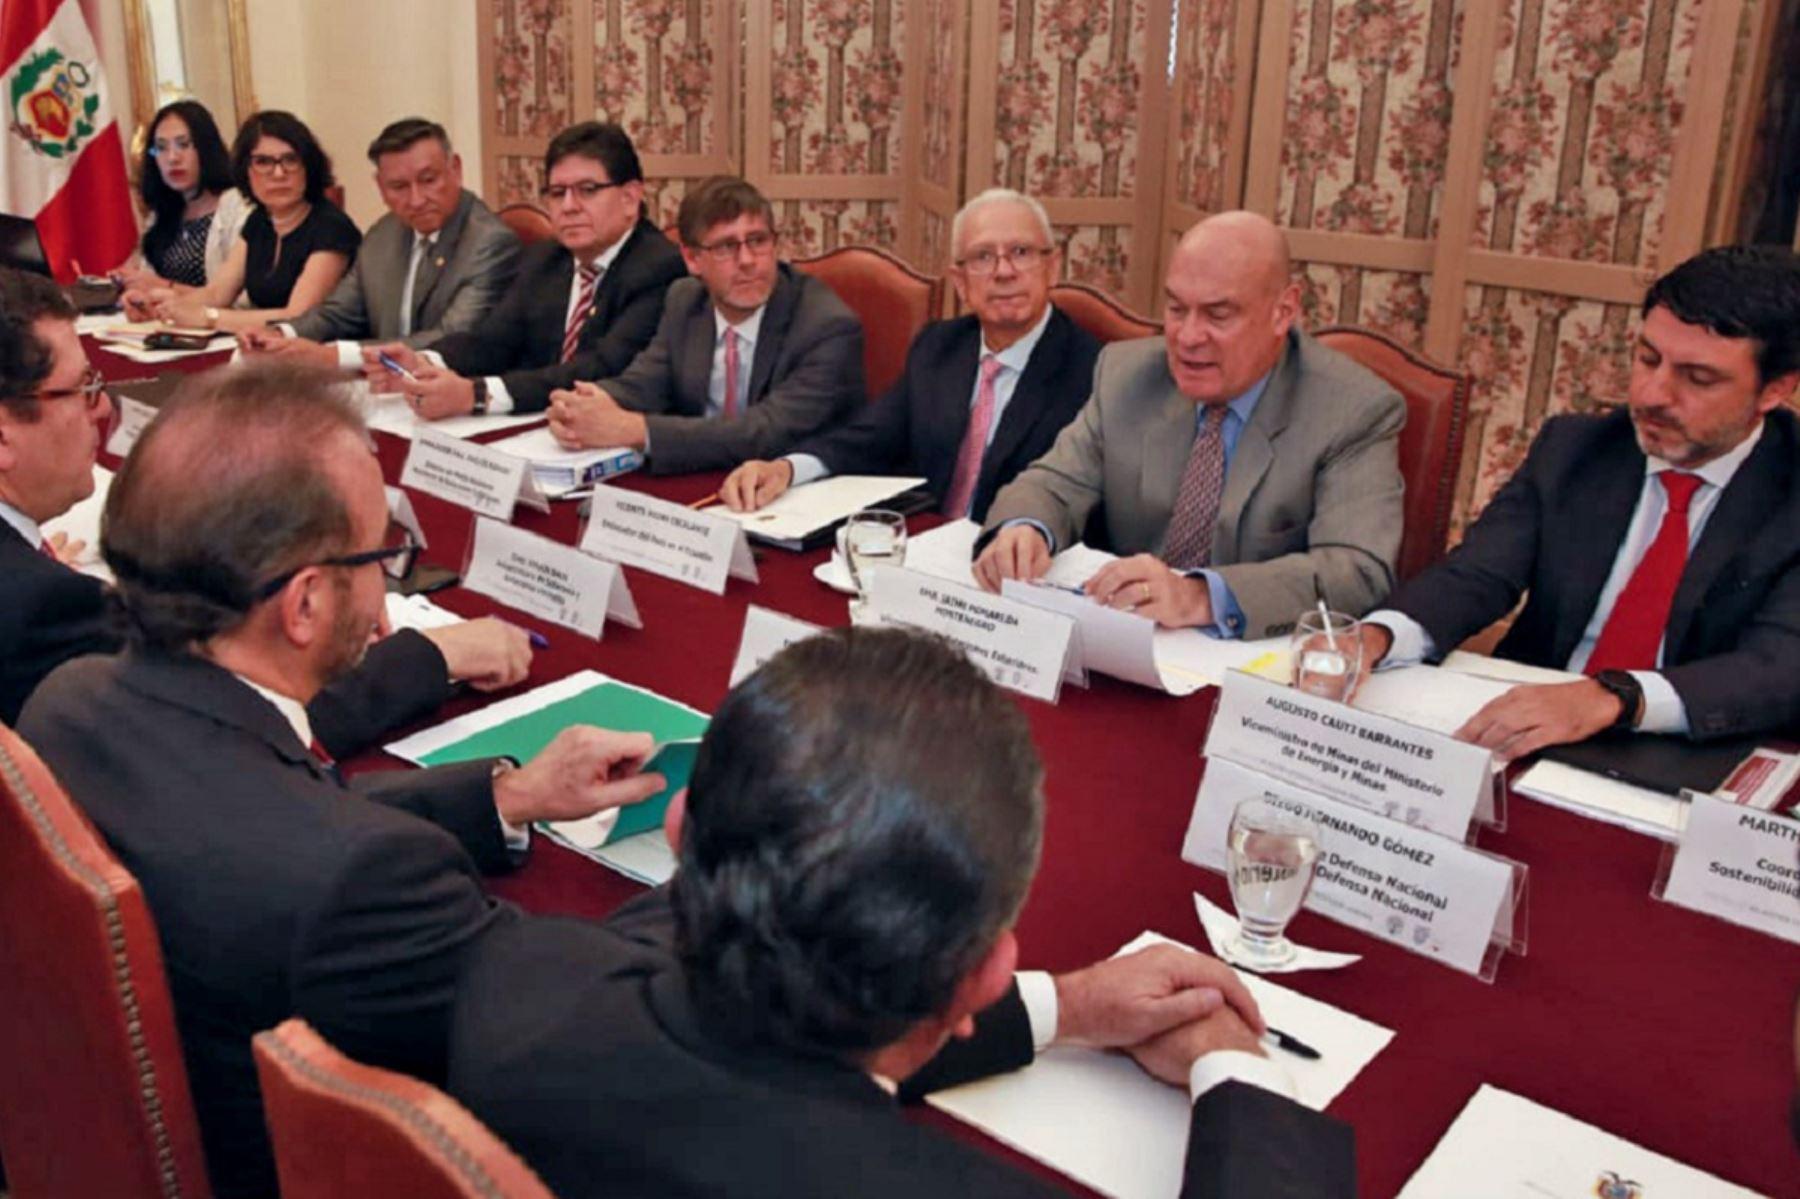 Reunión de autoridades de Perú y Ecuador en Quito, para abordar lucha contra la minería ilegal. Foto: Cortesía.